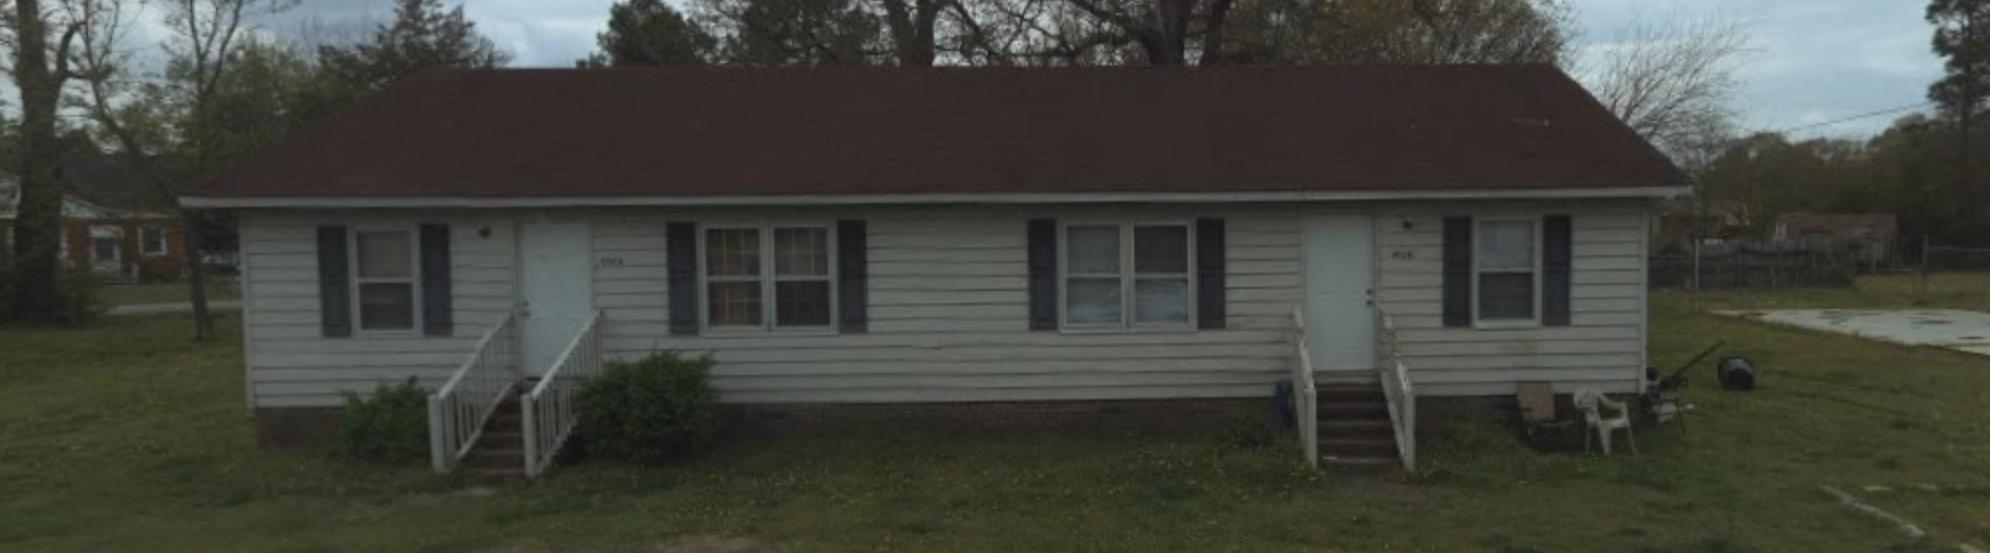 405 W 3rd St, Princeton, NC